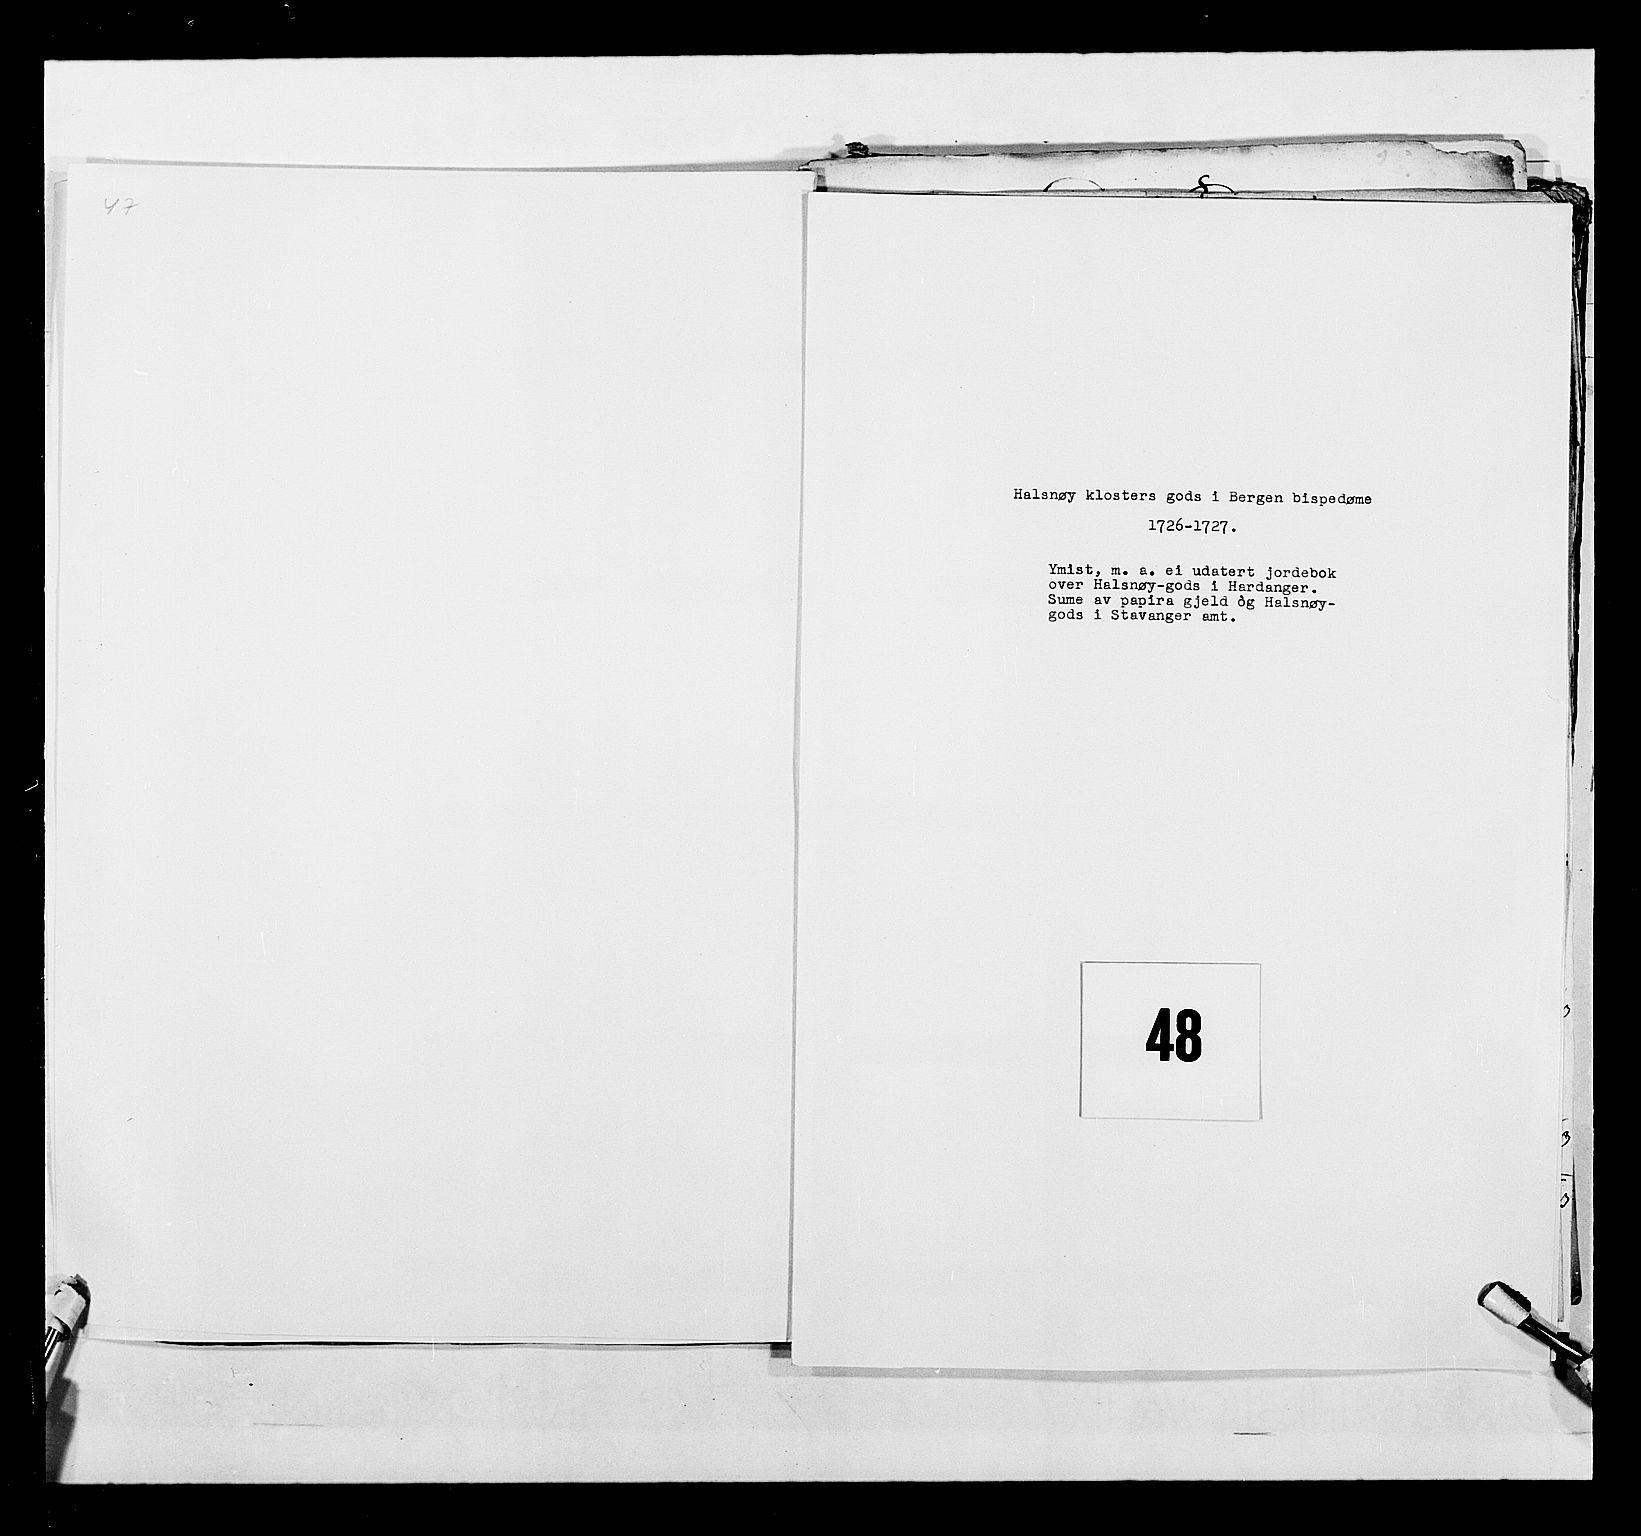 RA, Stattholderembetet 1572-1771, Ek/L0040: Jordebøker o.a. 1720-1728 vedkommende krongodset:, 1726-1728, s. 1